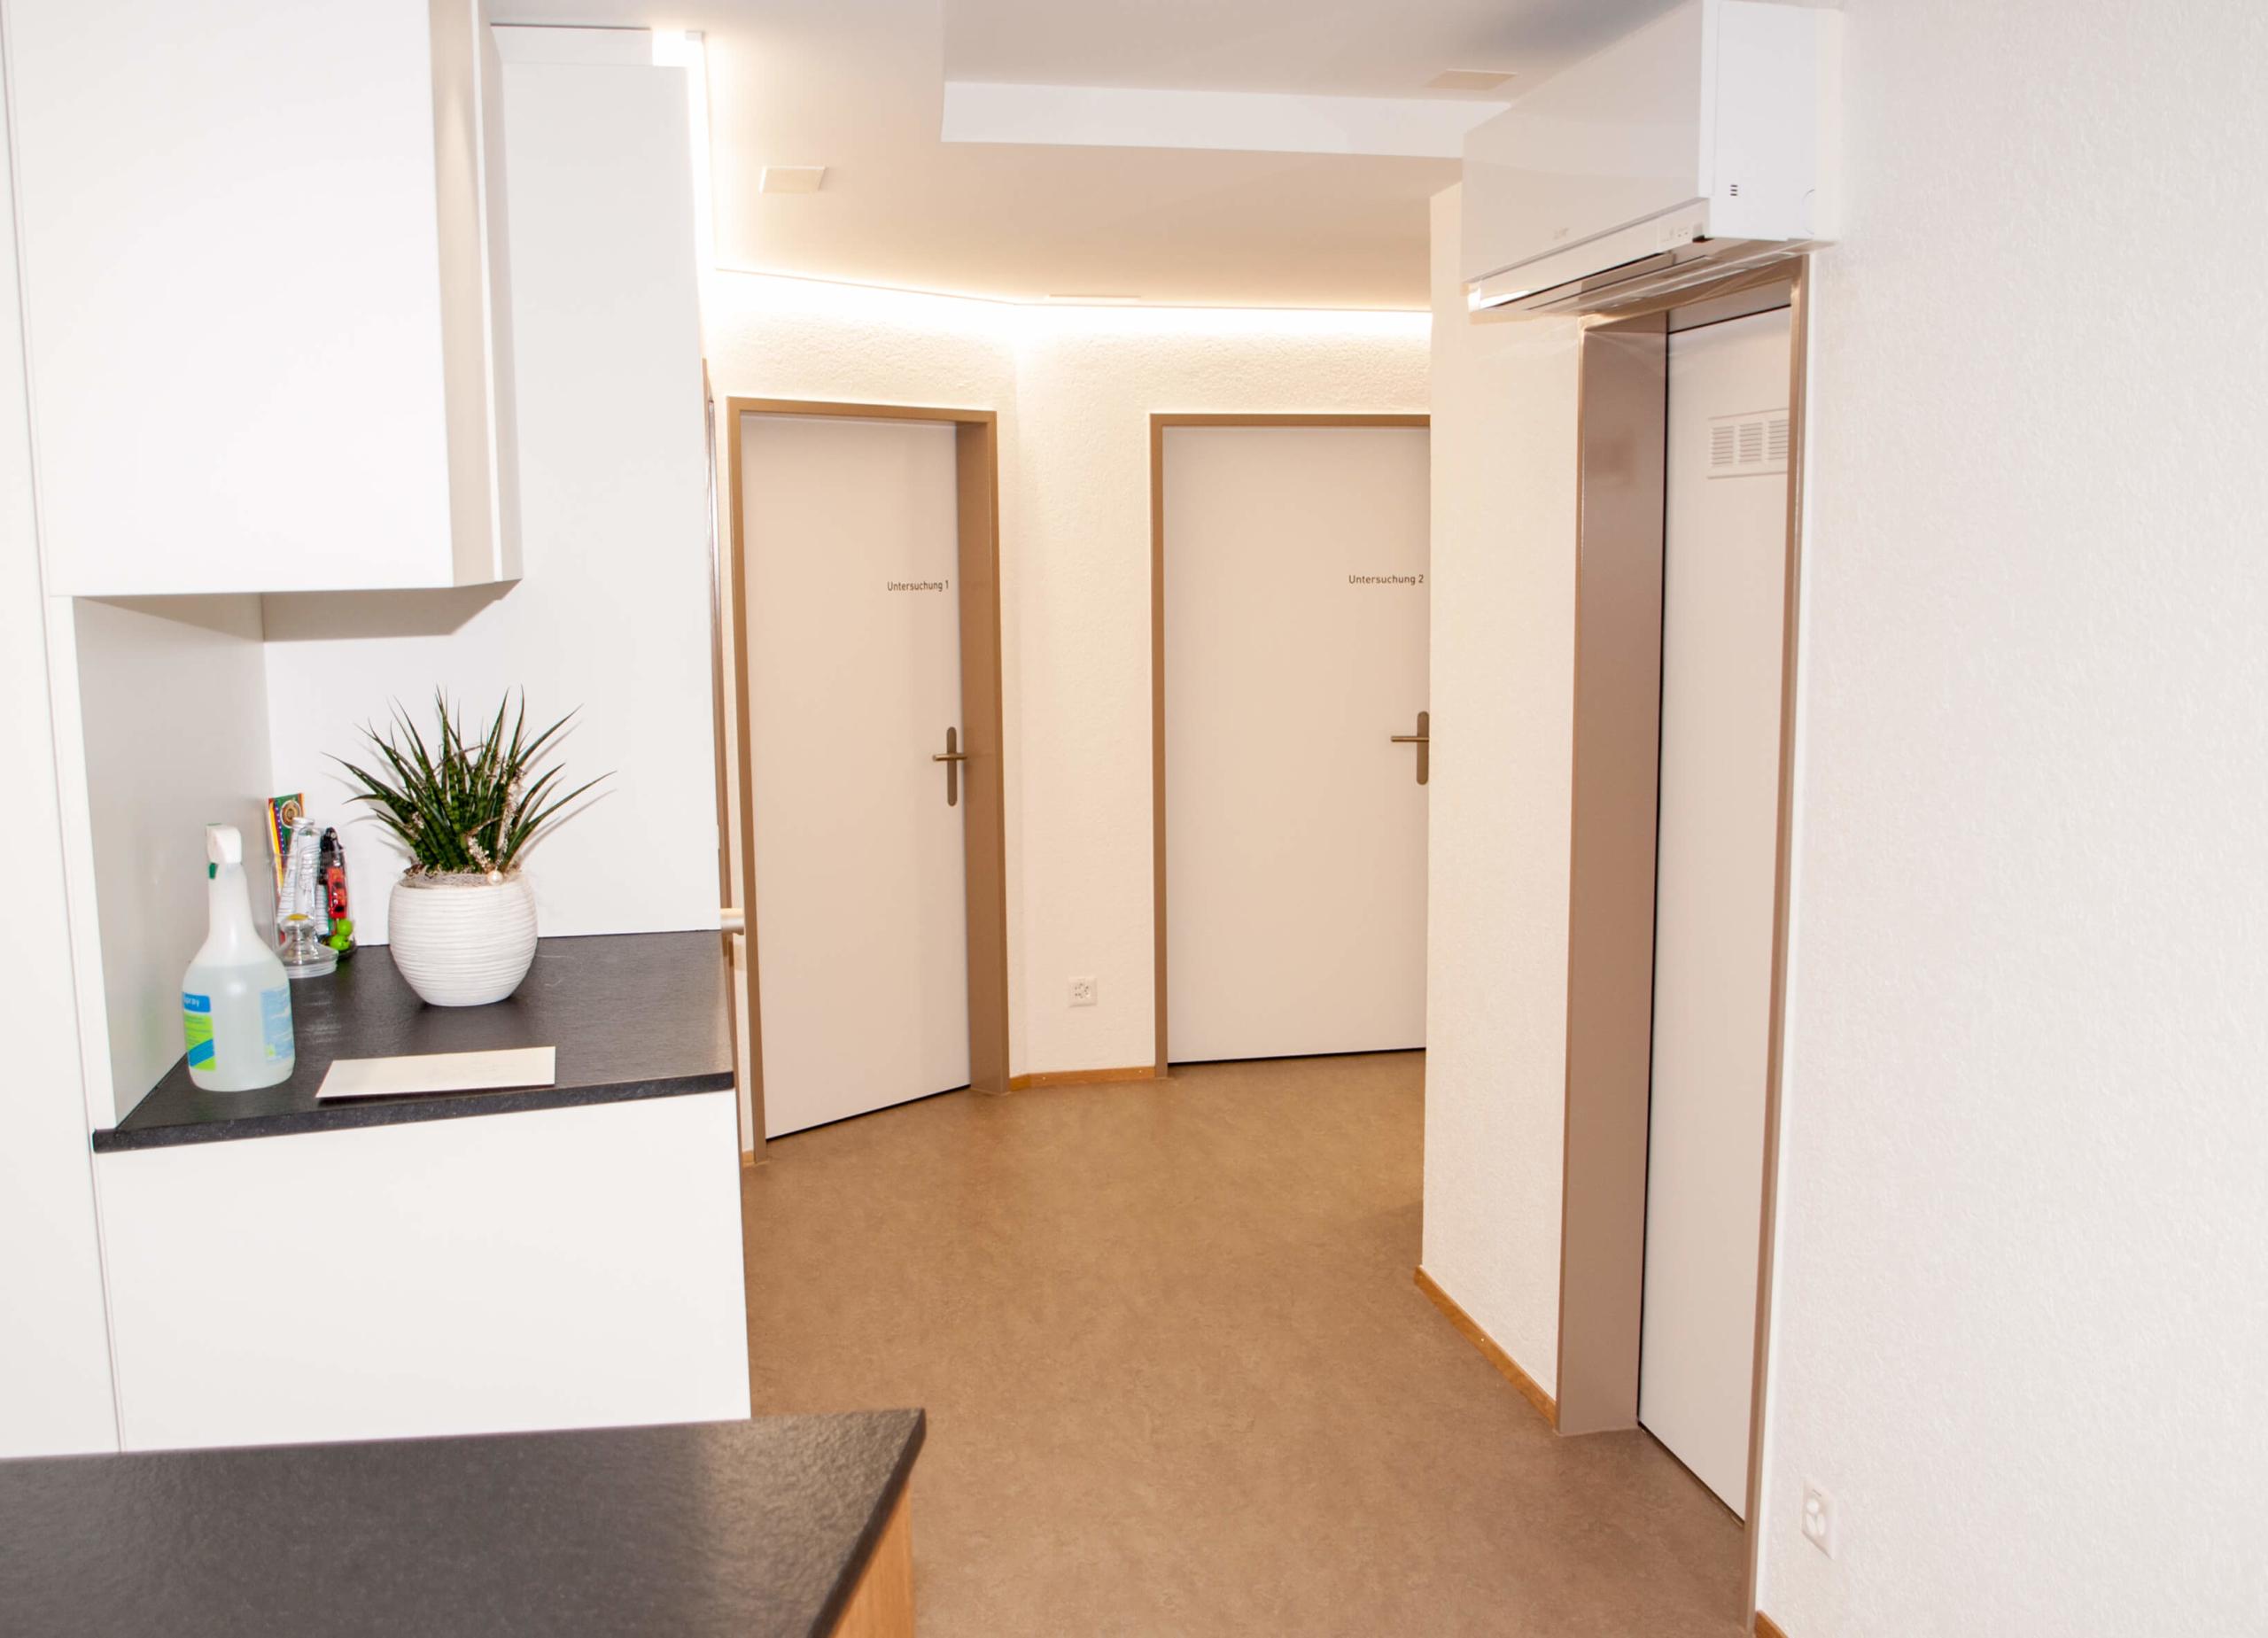 Aerztehaus-Welschenrohr-Untersuchungsbereich